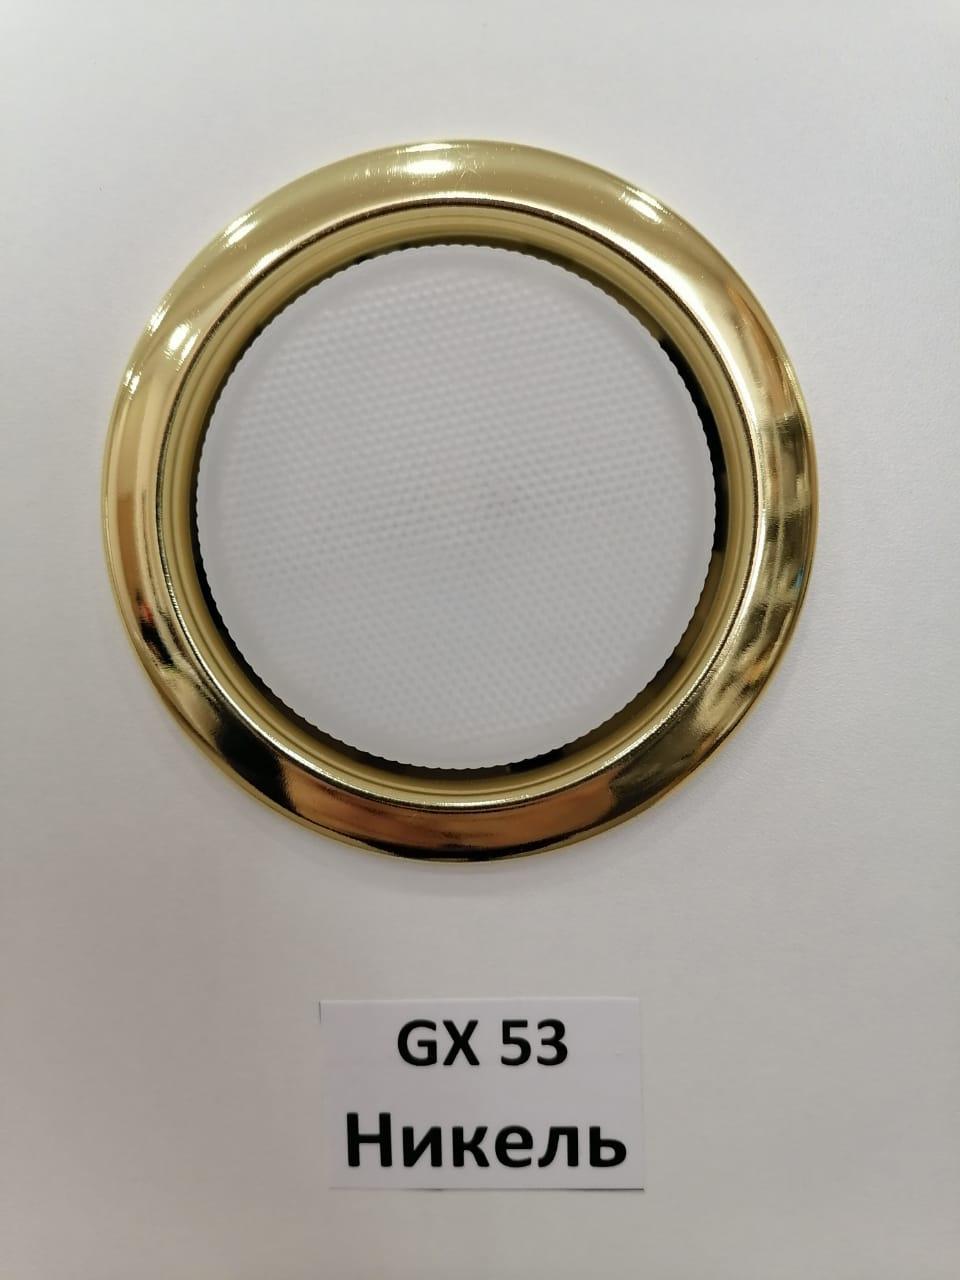 GX53 Никель